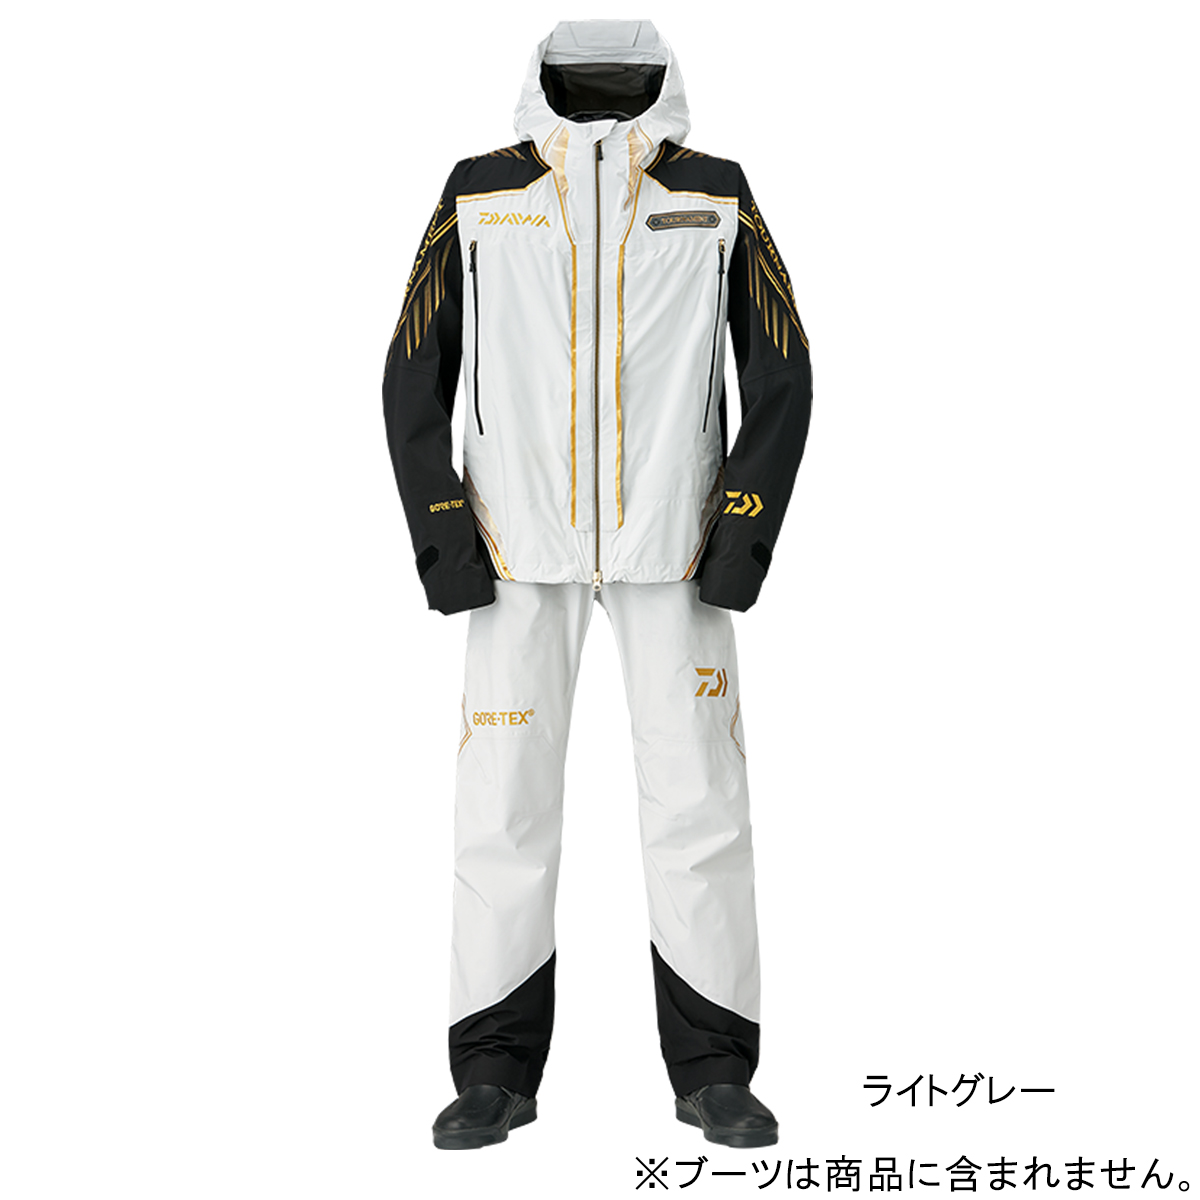 ダイワ トーナメント ゴアテックス パックライト レインスーツ DR-1008T XL ライトグレー(東日本店)